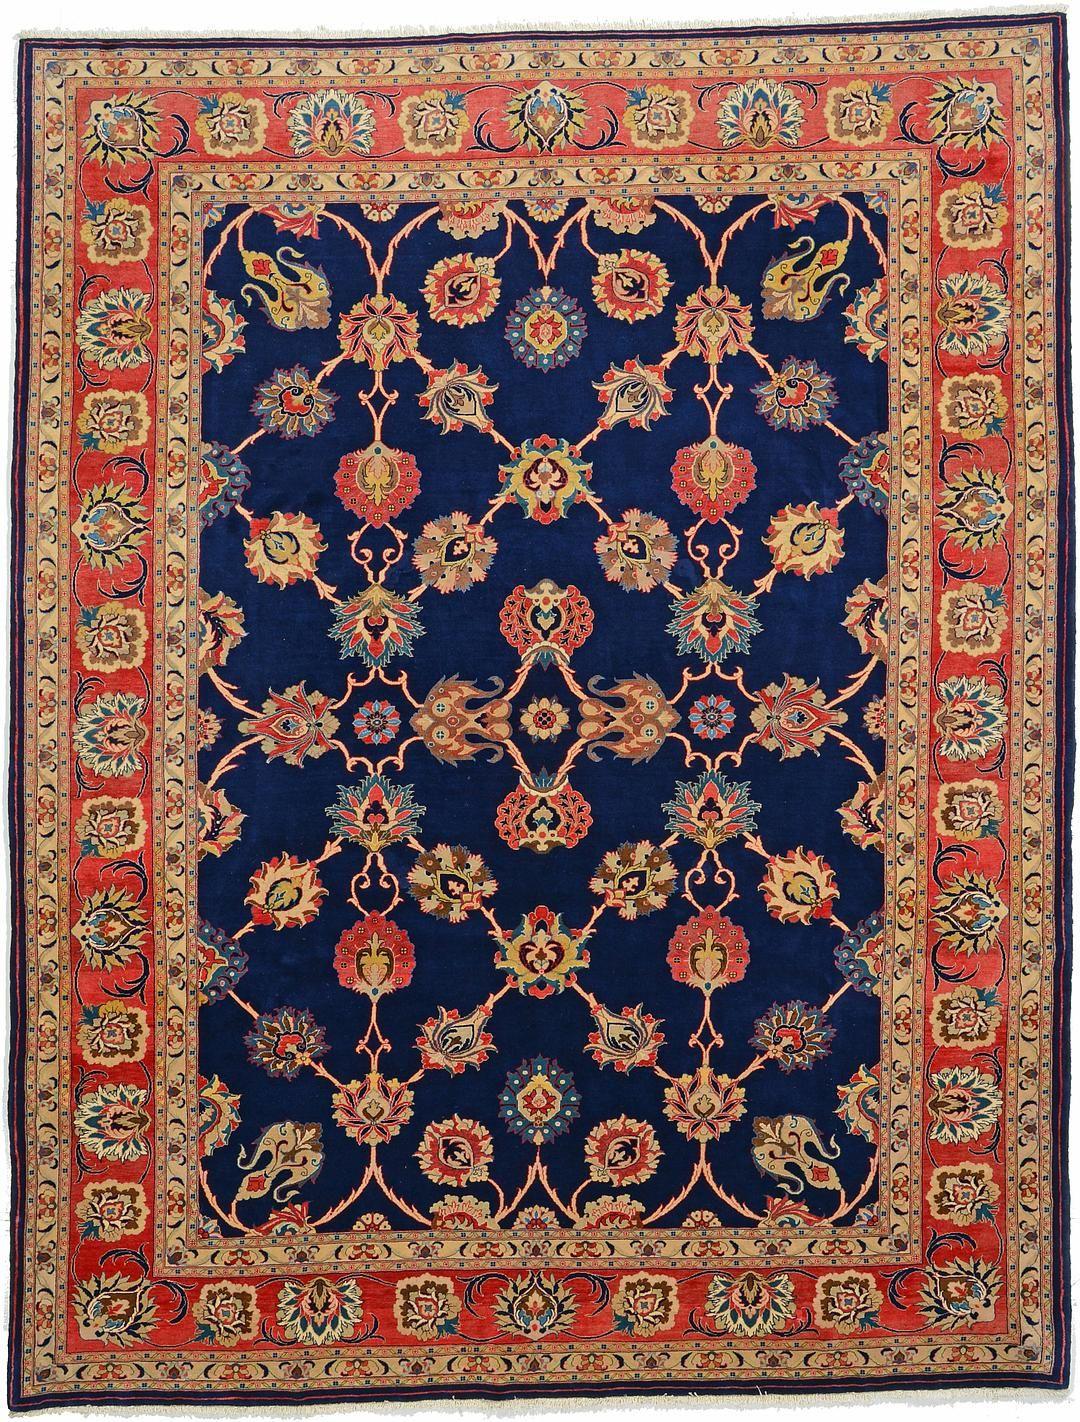 Navy Blue 9 0 X 11 7 Varamin Rug Persian Rugs Esalerugs Persian Rug Rugs Rugs On Carpet